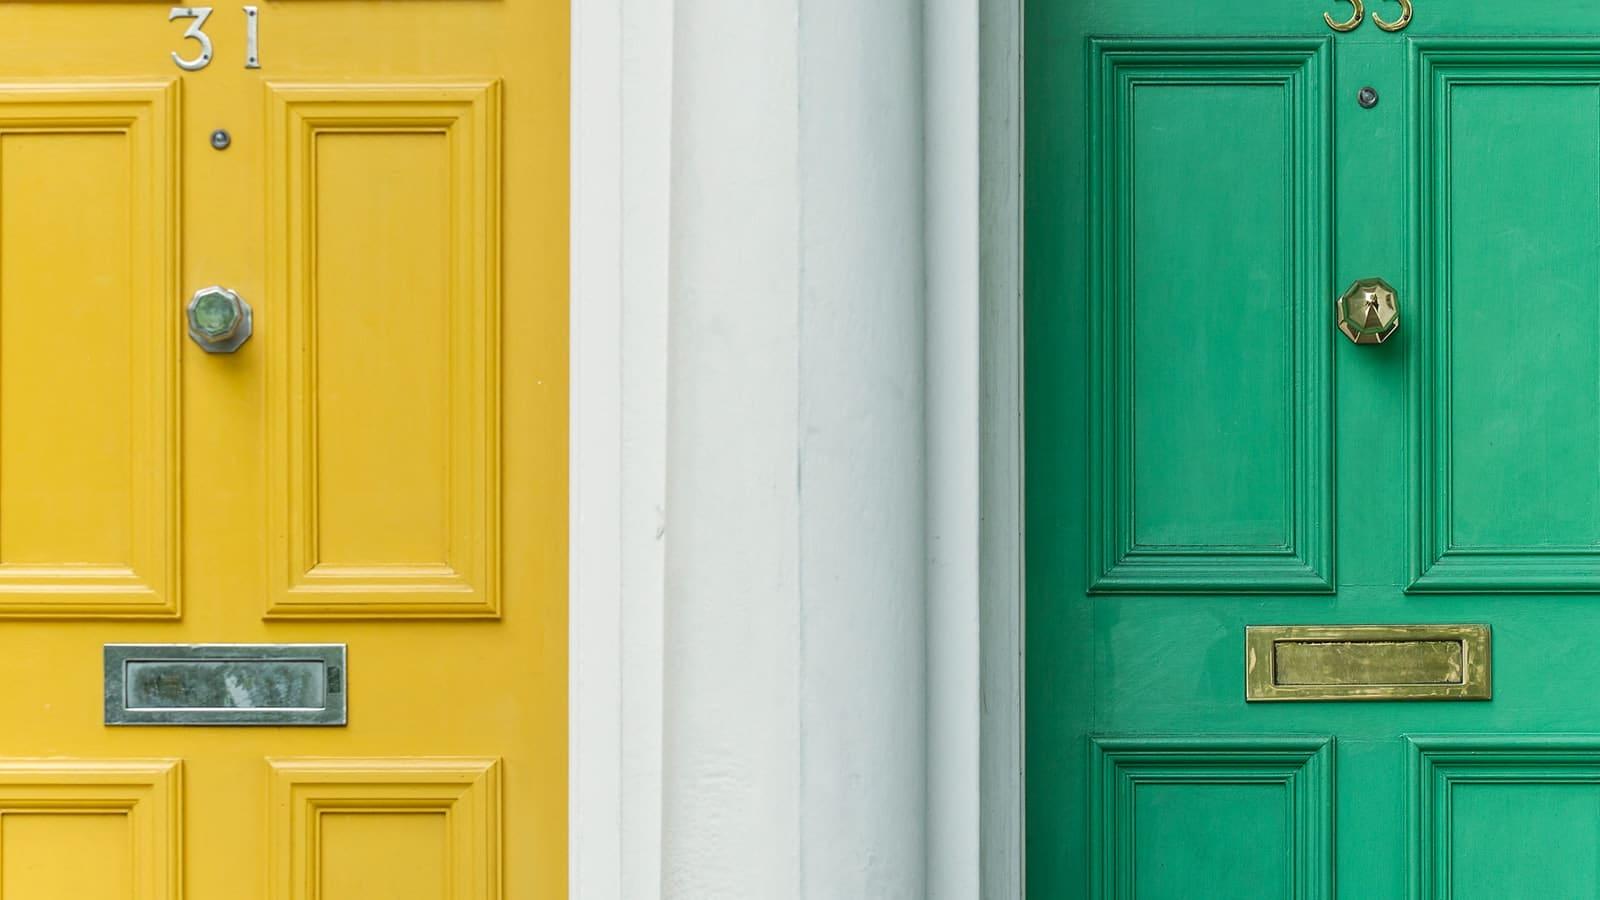 Portes d'entrées jaune et verte